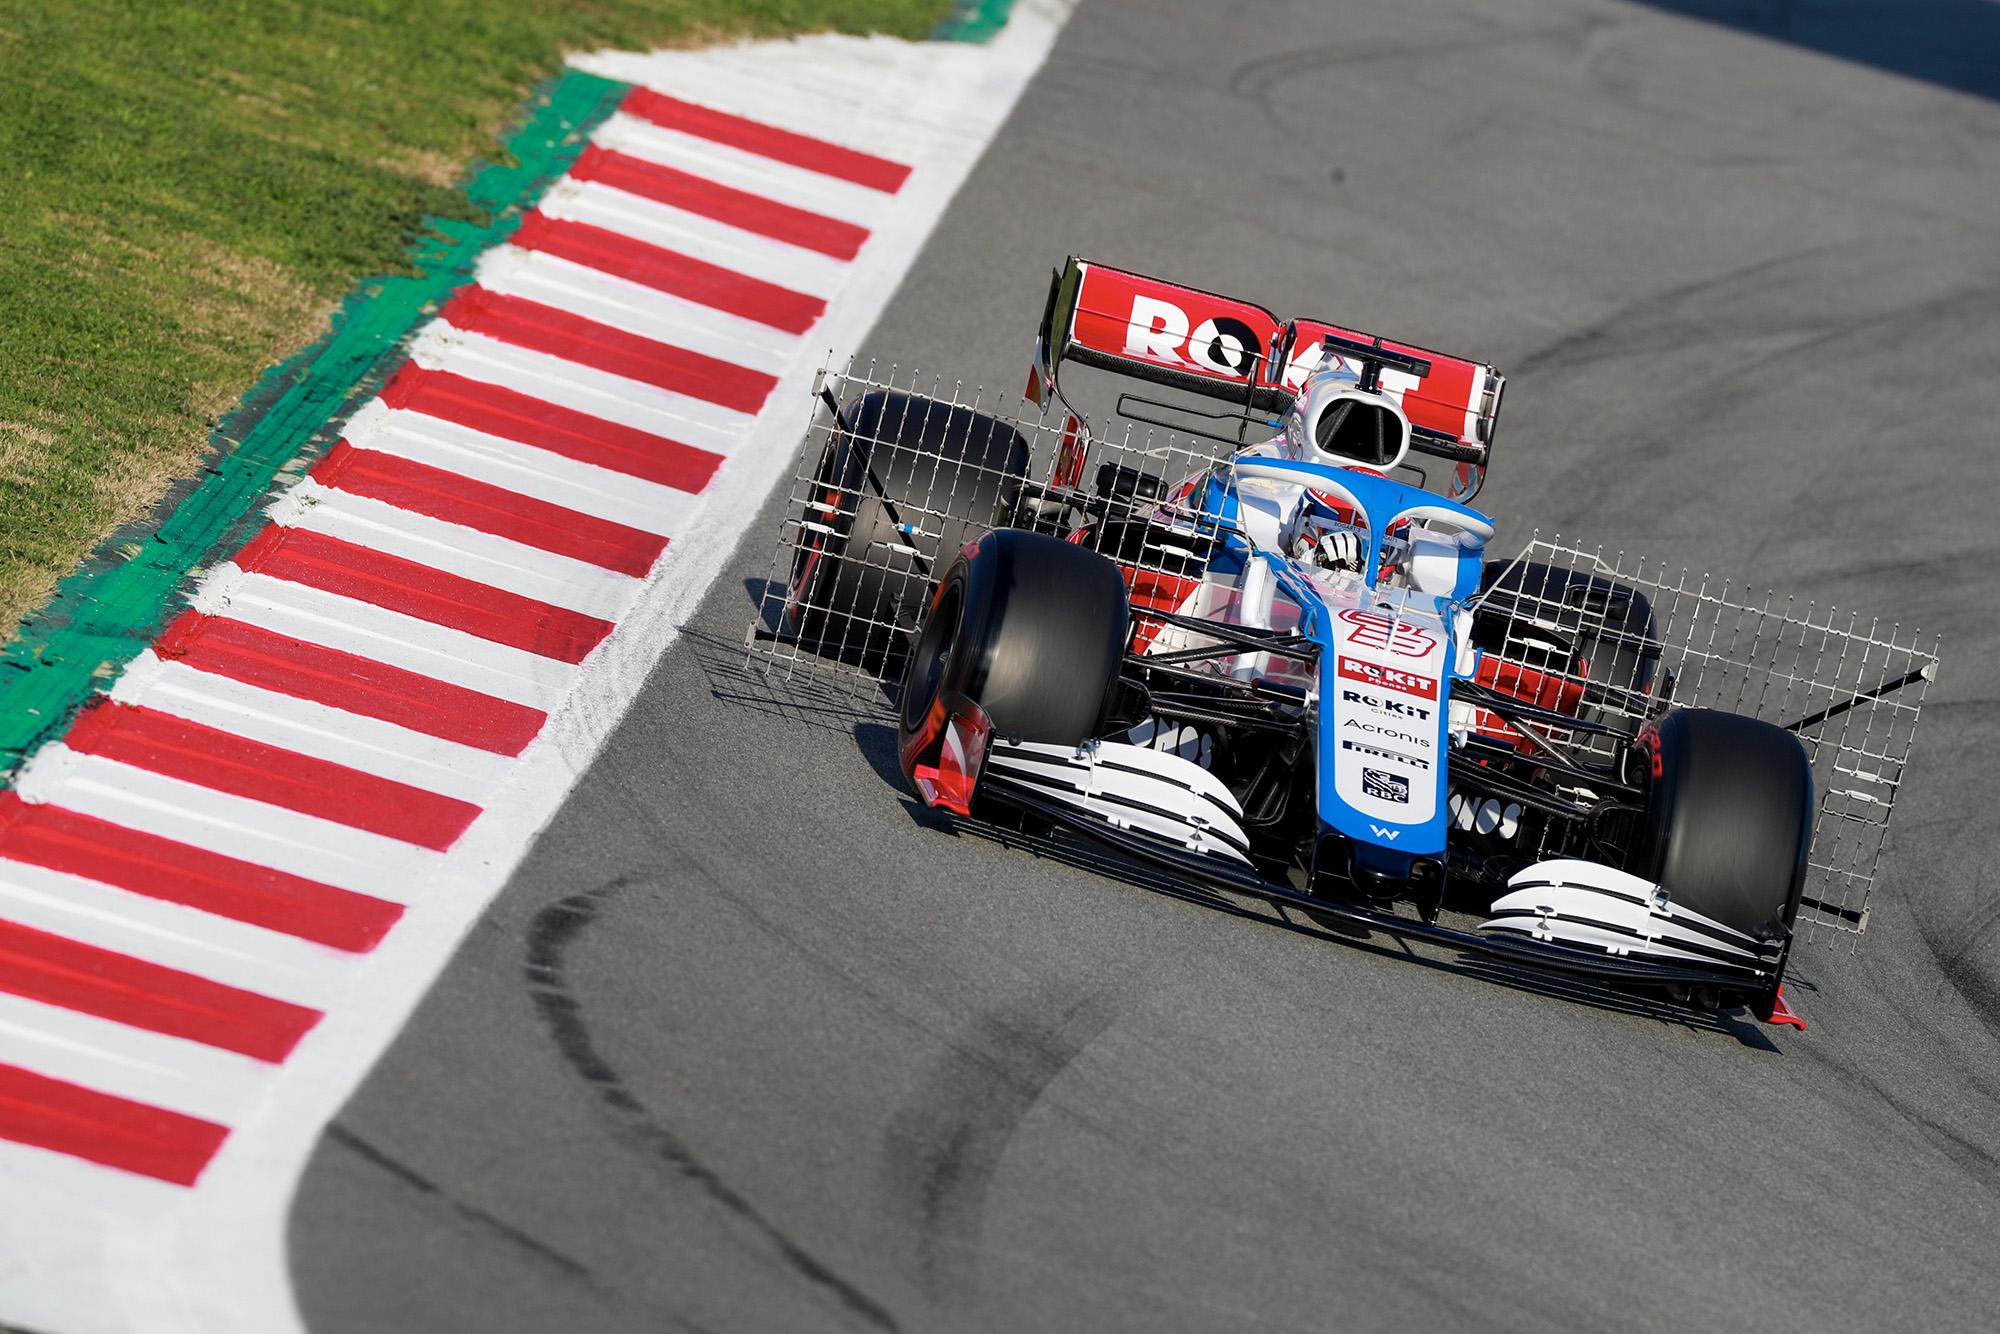 Williams air pressure testing